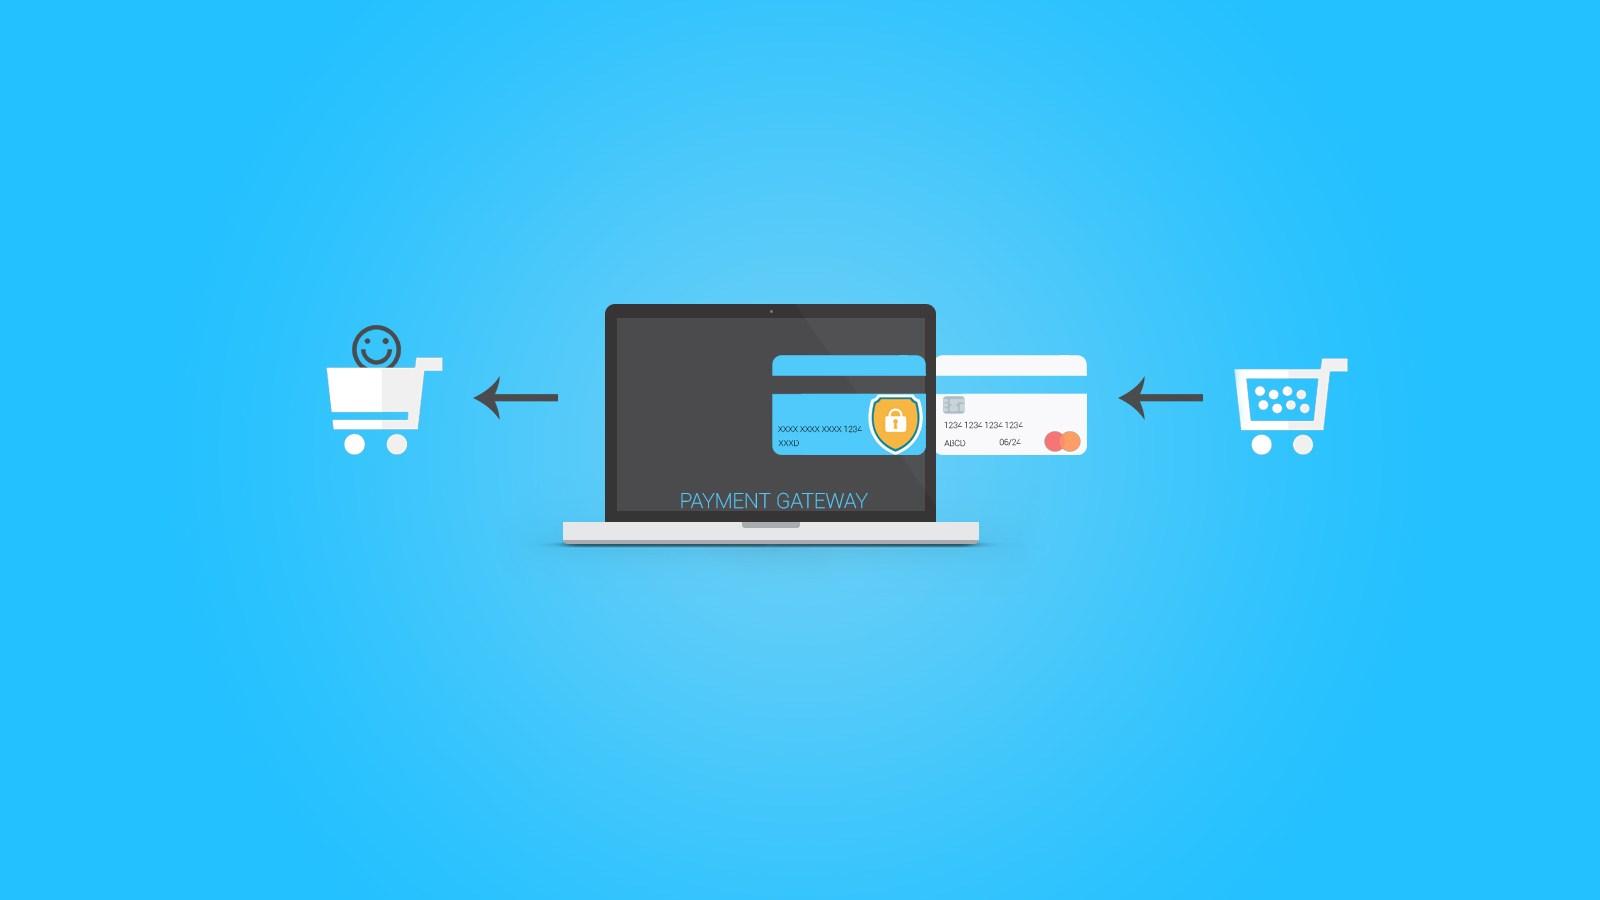 Cara Kerja Payment Gateway Yang Membuat Transaksi Online Lebih Mudah